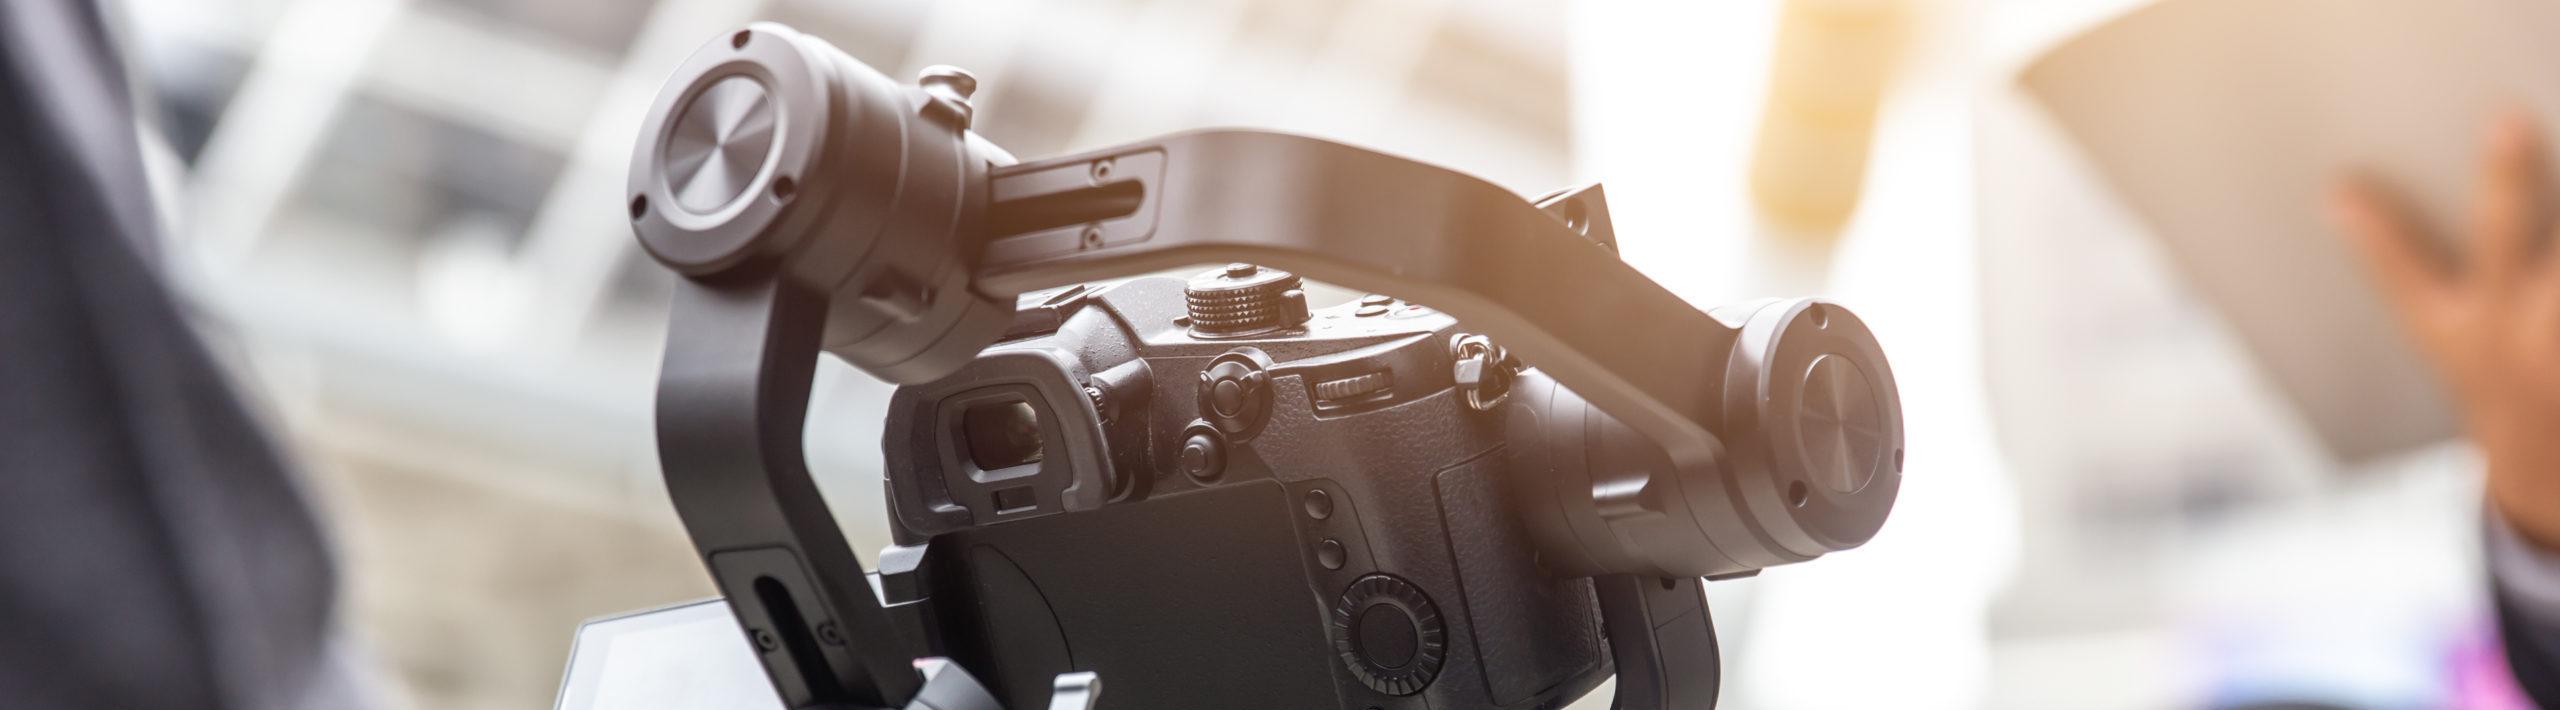 スタビライザーで広がるカメラの可能性